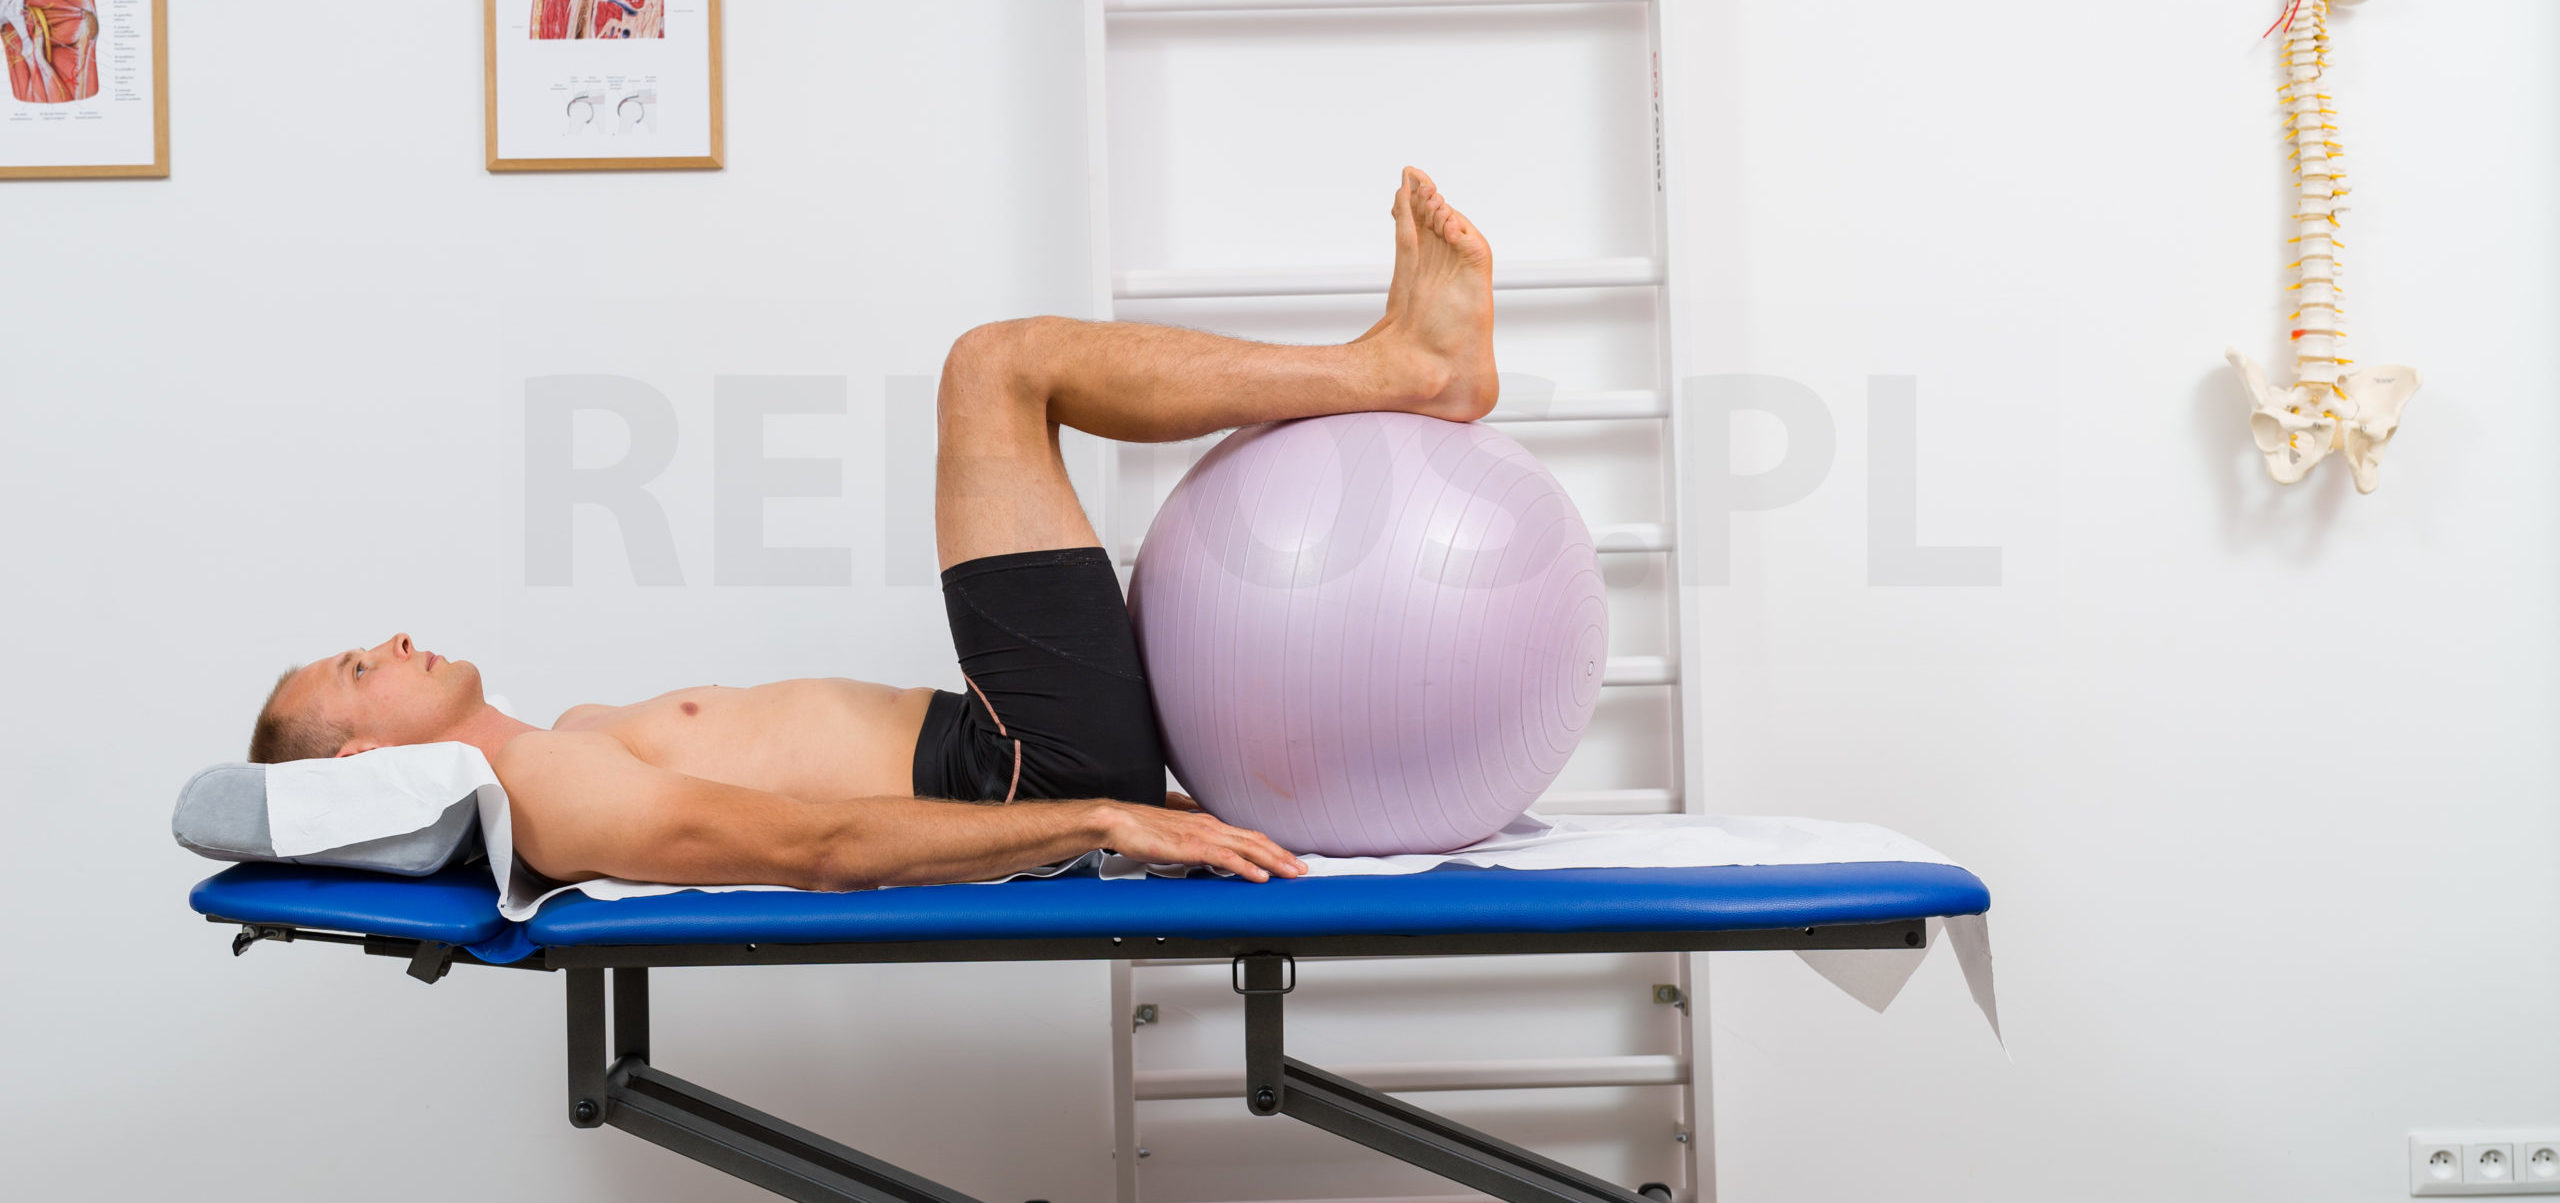 pozycja krzesełkowa - leżenie na plecach w bólach kręgosłupa lędźwiowego